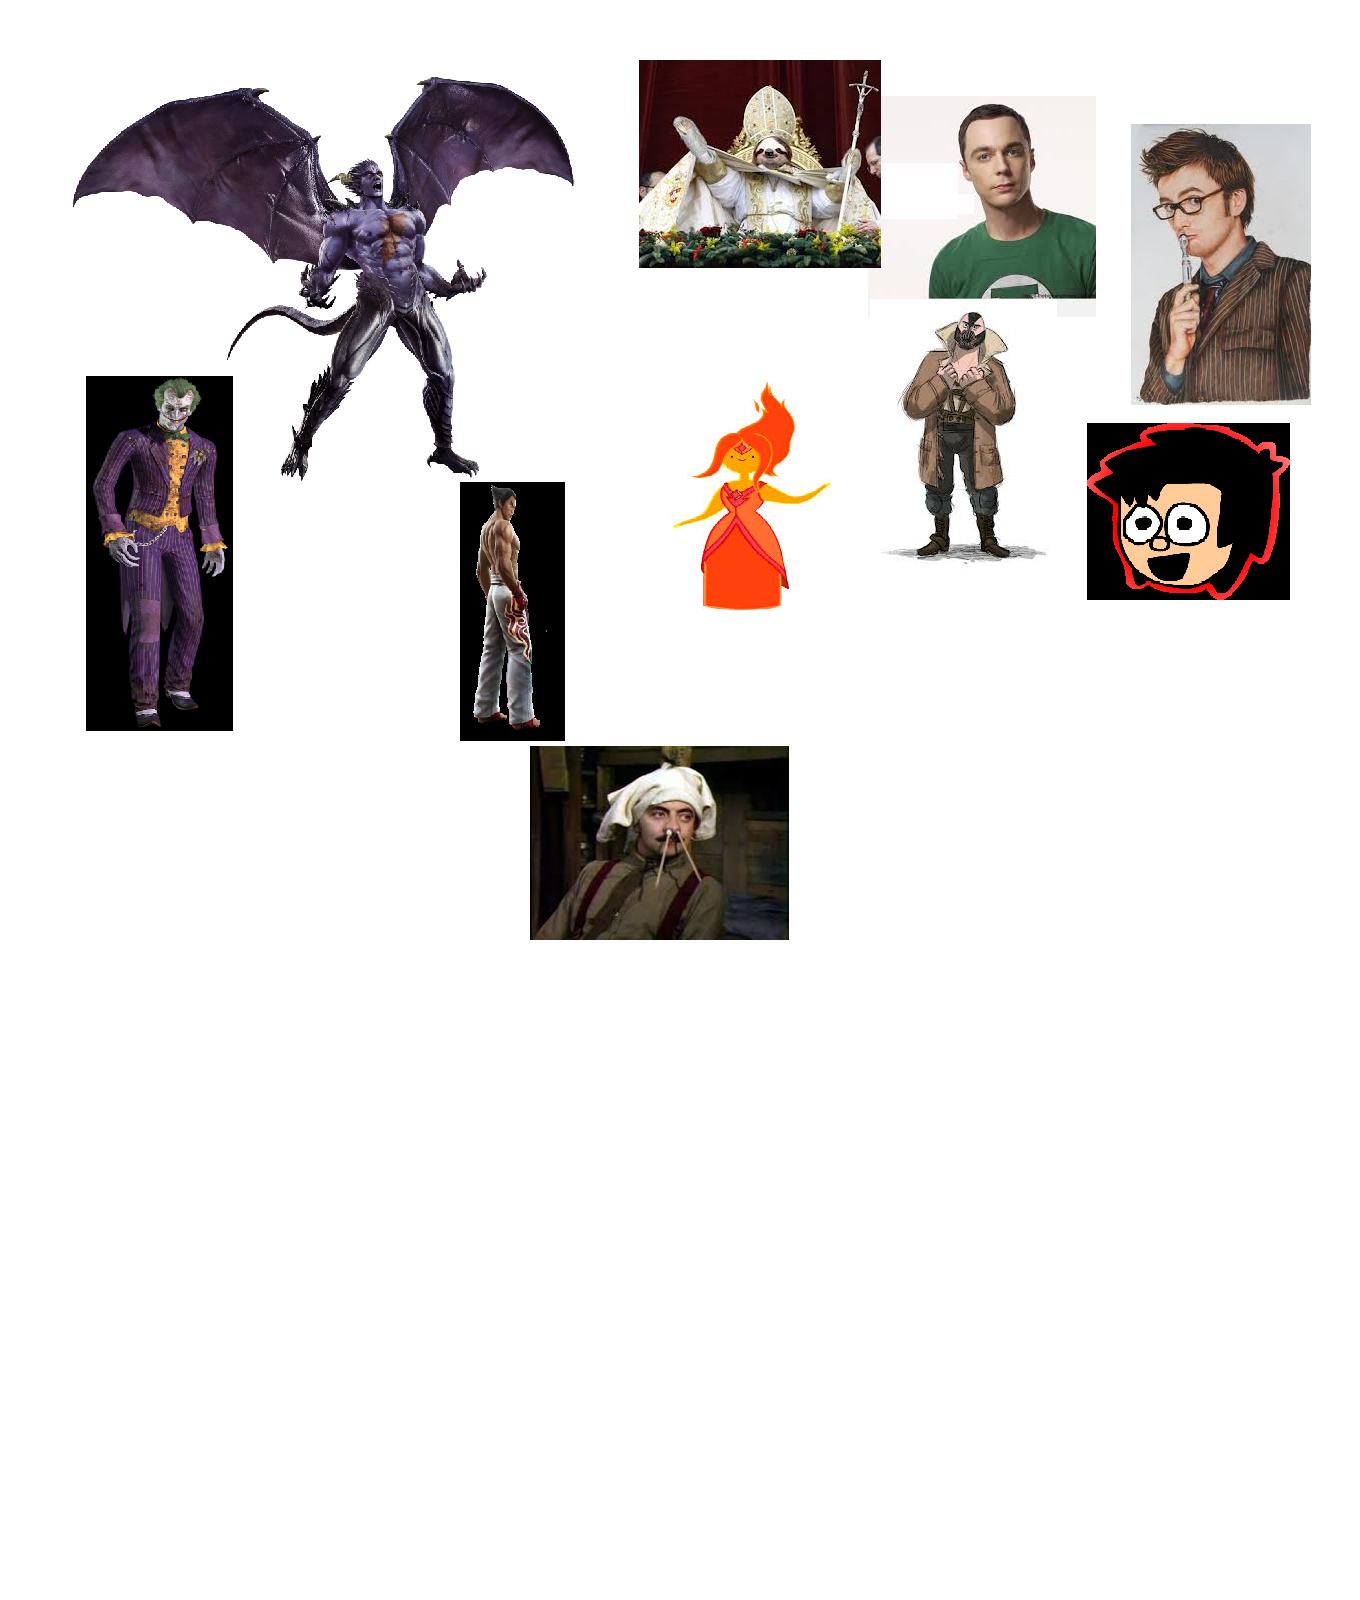 Devil Kazuya vs Some People